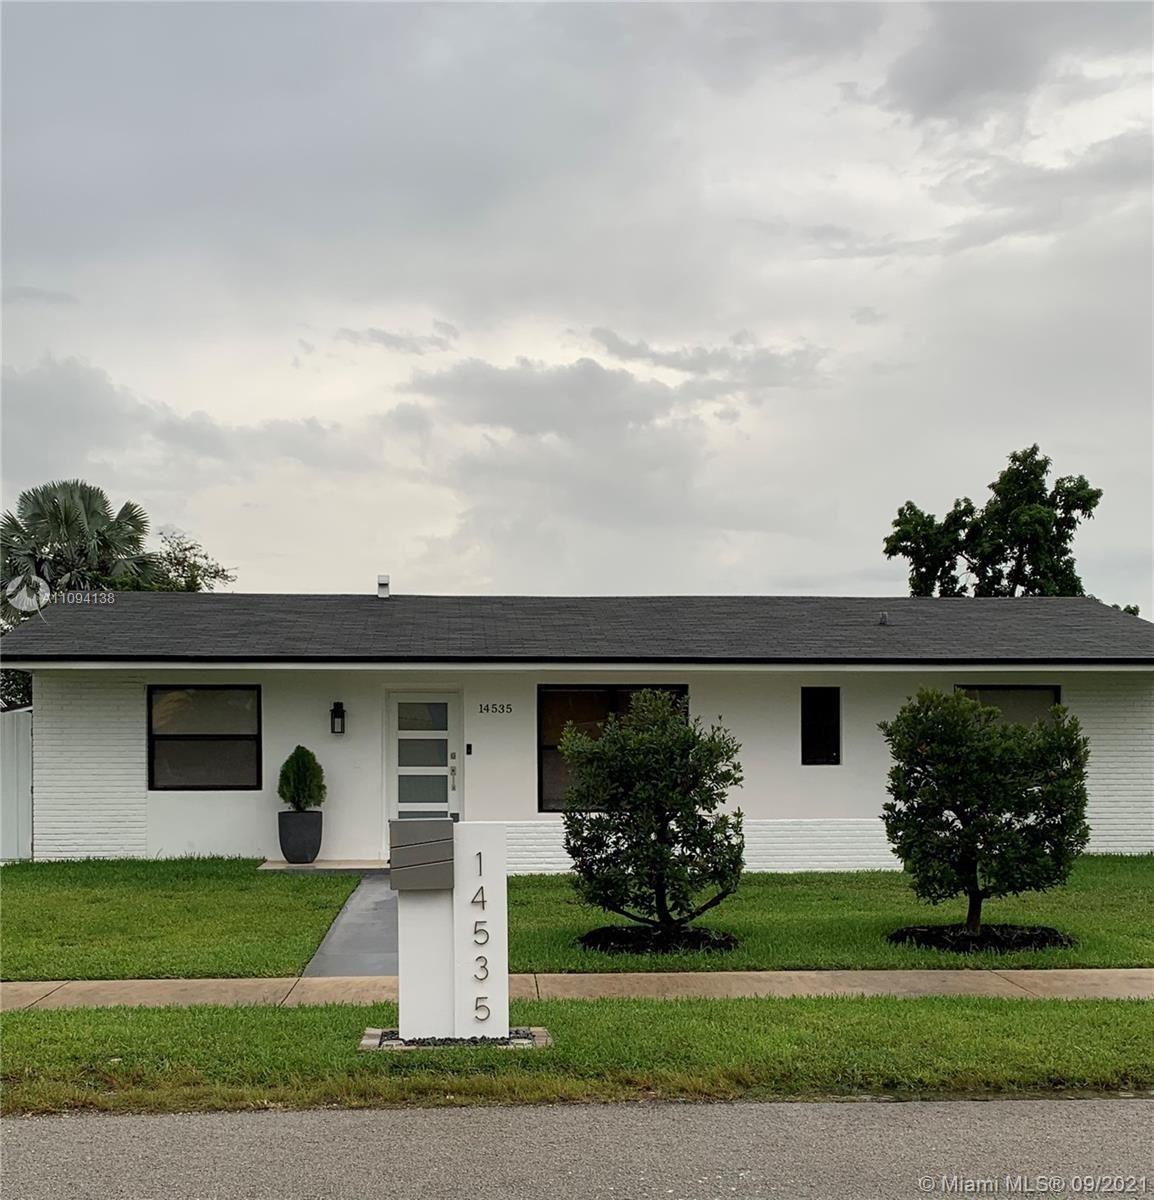 14535 SW 105th Ct, Miami, FL 33176 - #: A11094138